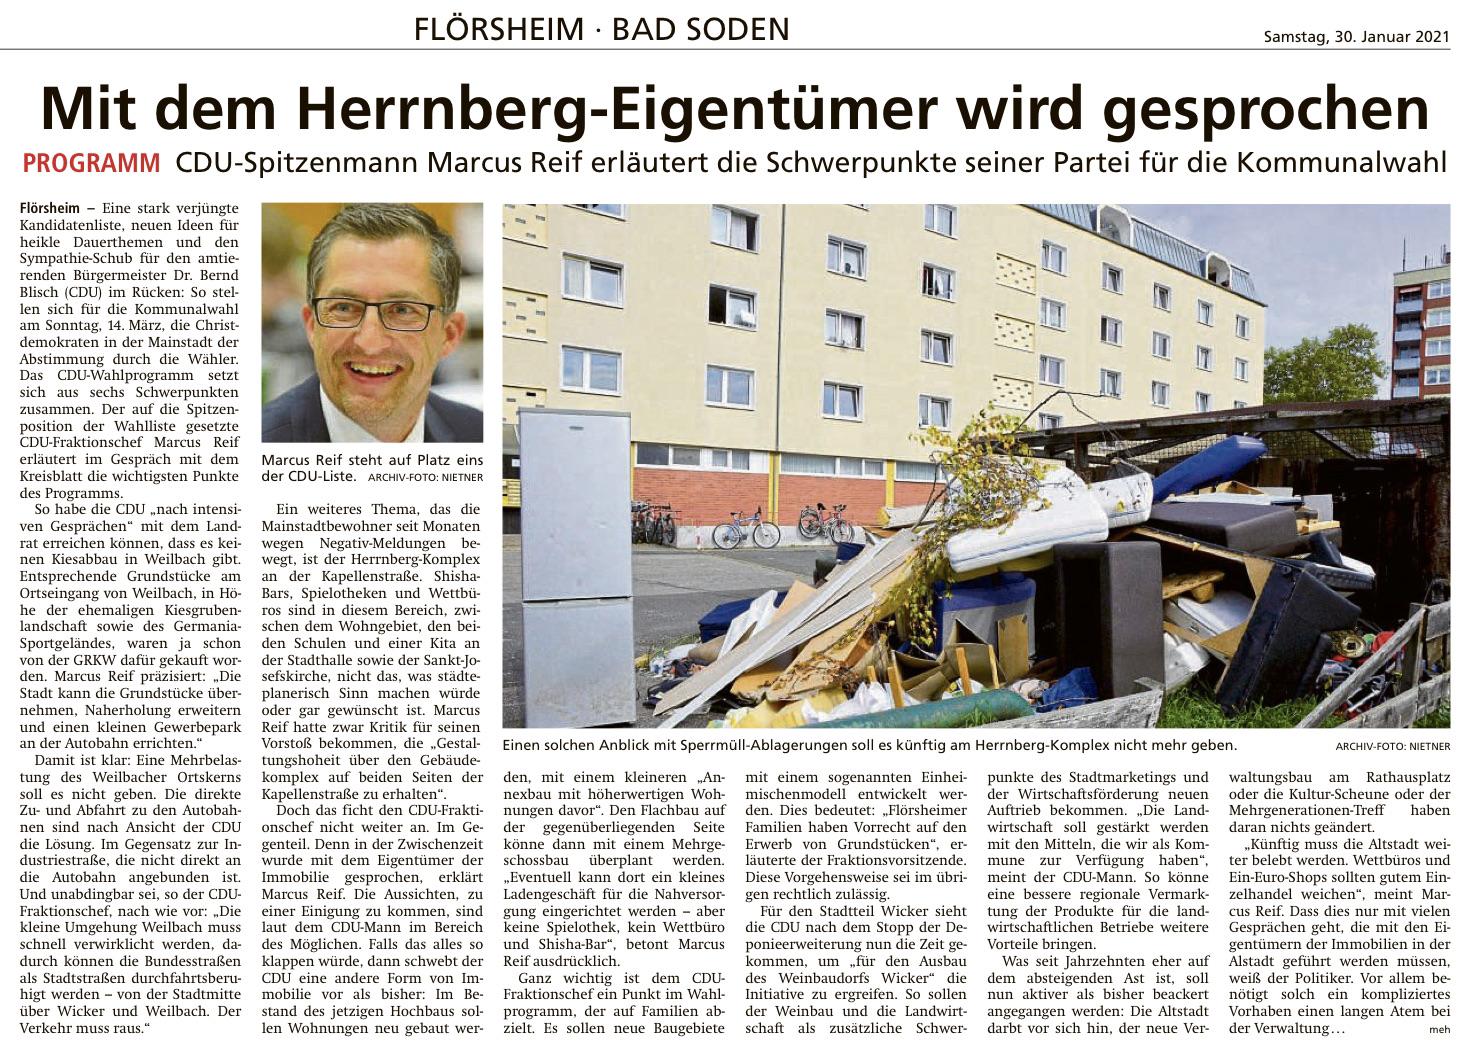 Höchster Kreisblatt: CDU-Spitzenmann Marcus Reif erläutert die Schwerpunkte seiner Partei für die Kommunalwahl